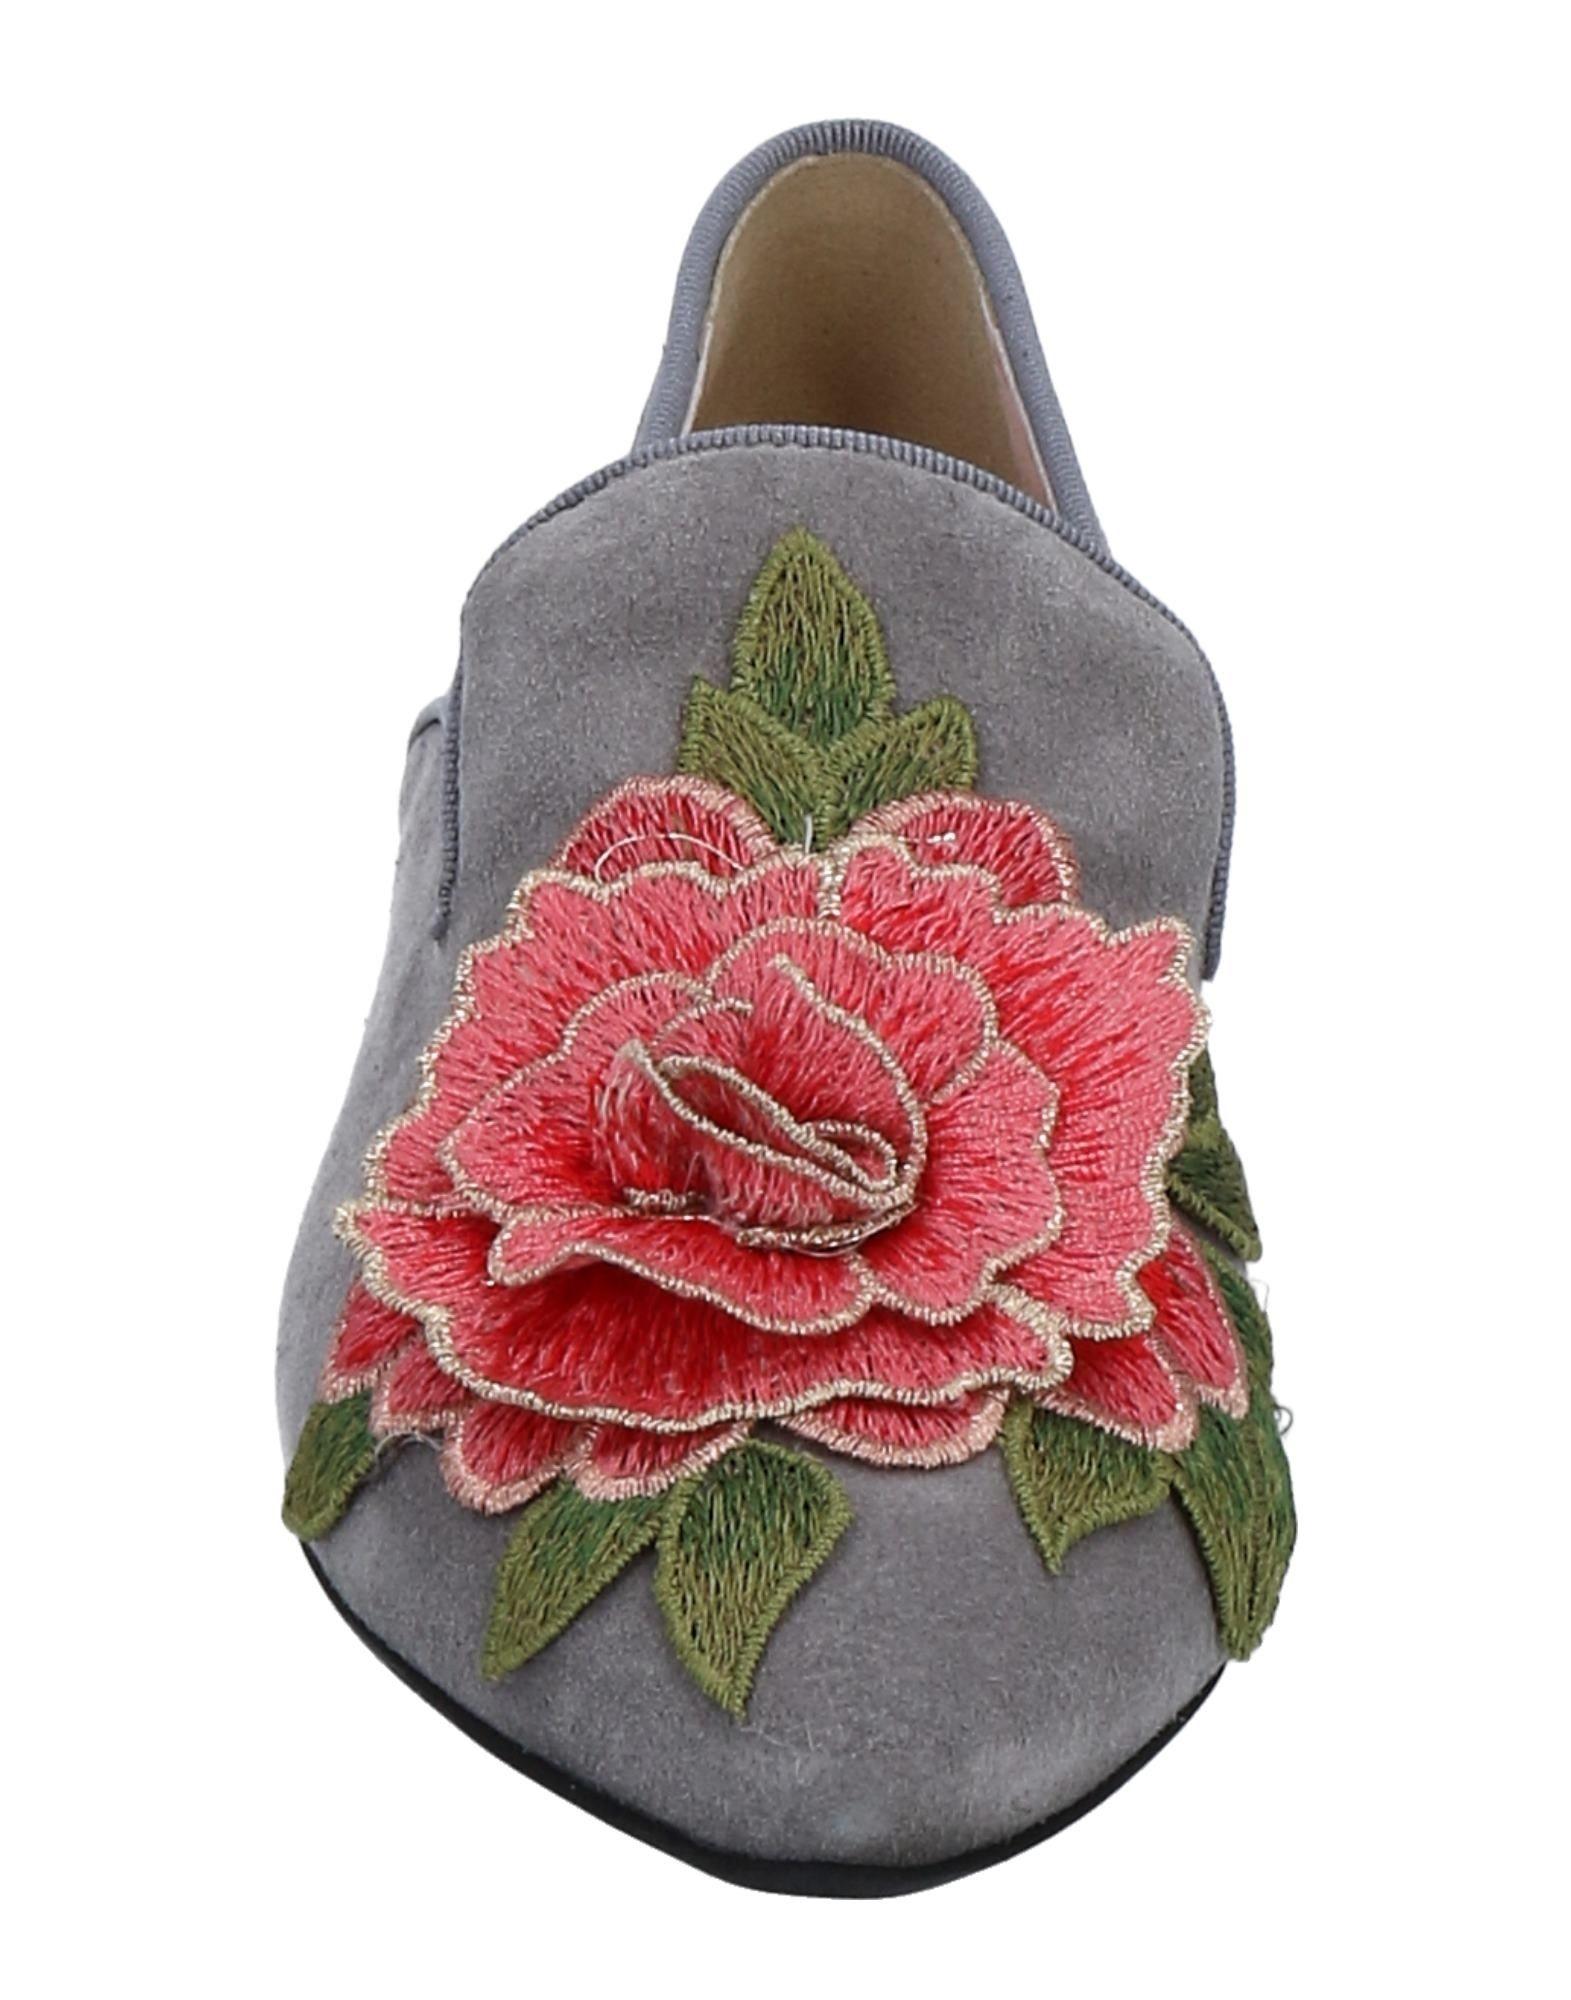 Gut um Simonini billige Schuhe zu tragenPaolo Simonini um Mokassins Damen  11518392MJ 06bde8